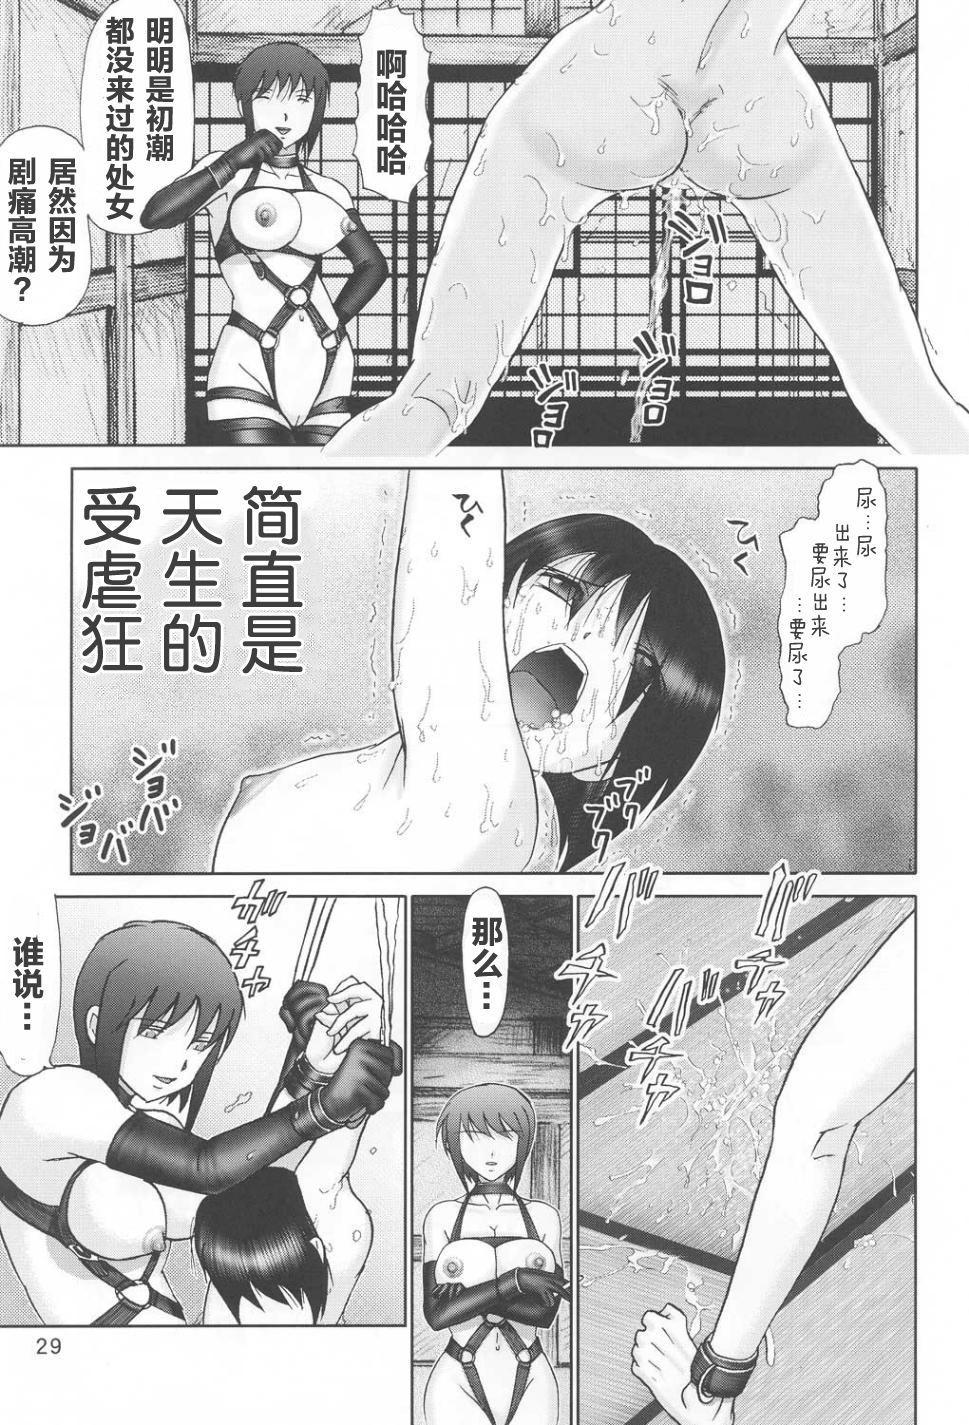 Mazo Shino Ichi 28